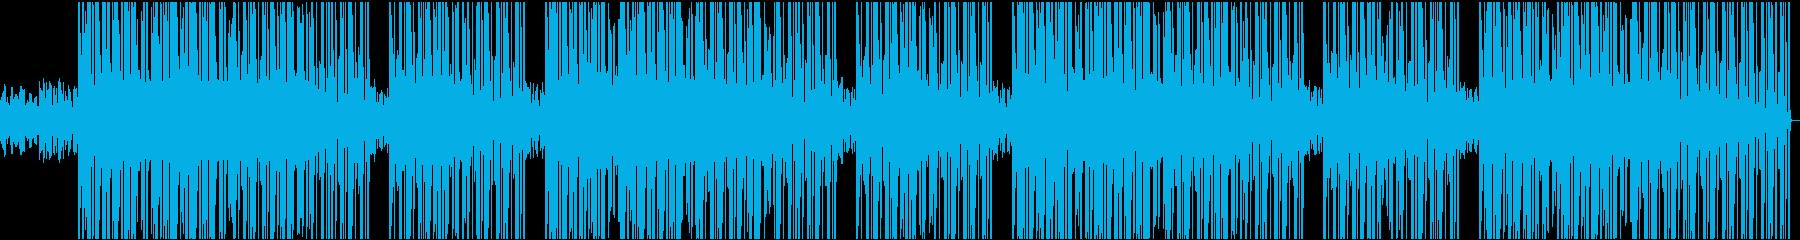 実験的 未来の技術 神経質 レトロ...の再生済みの波形